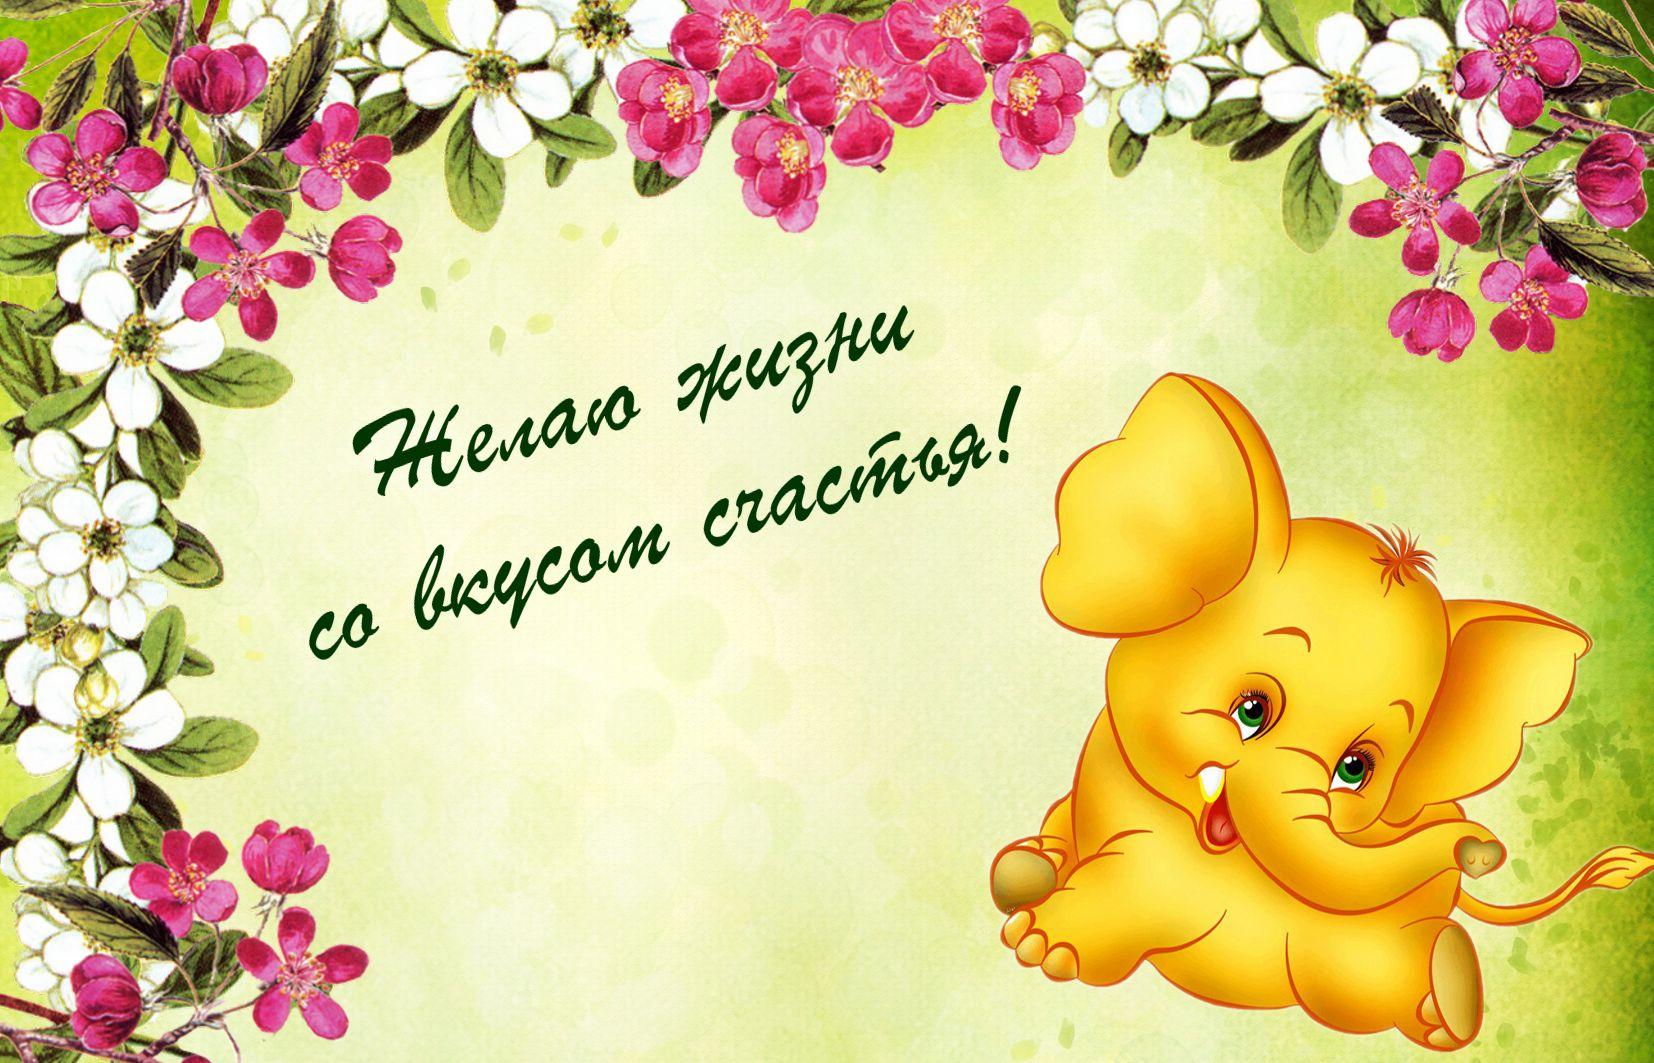 Желаю жизни со вкусом счастья!